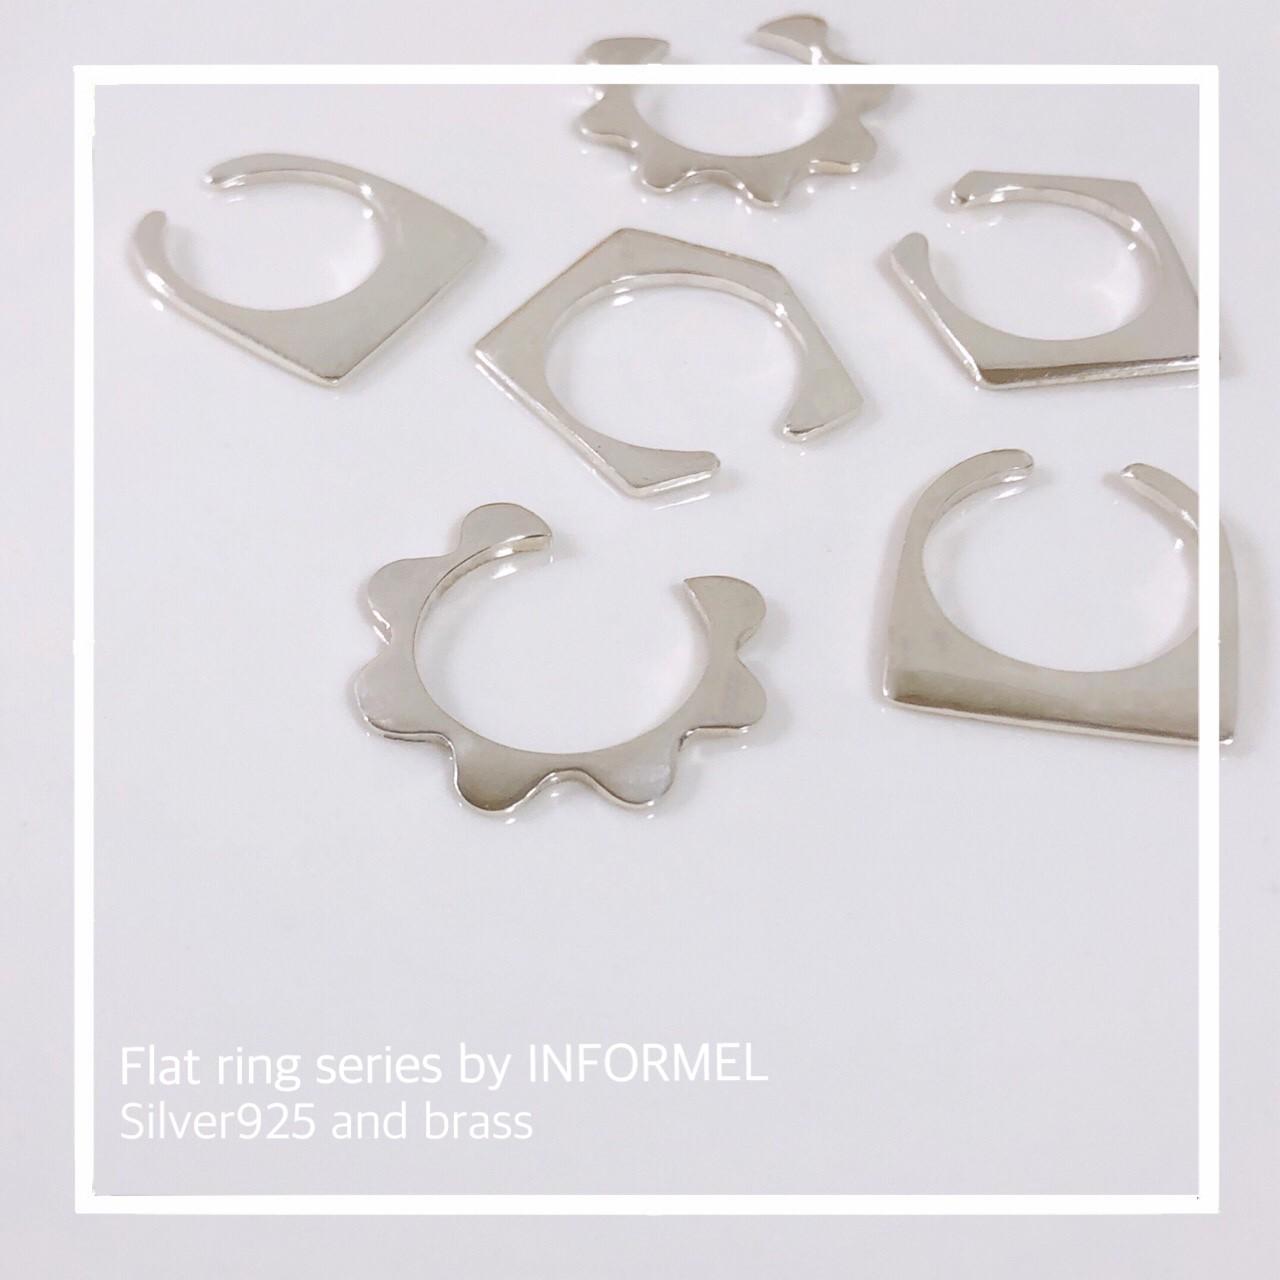 flat ring series